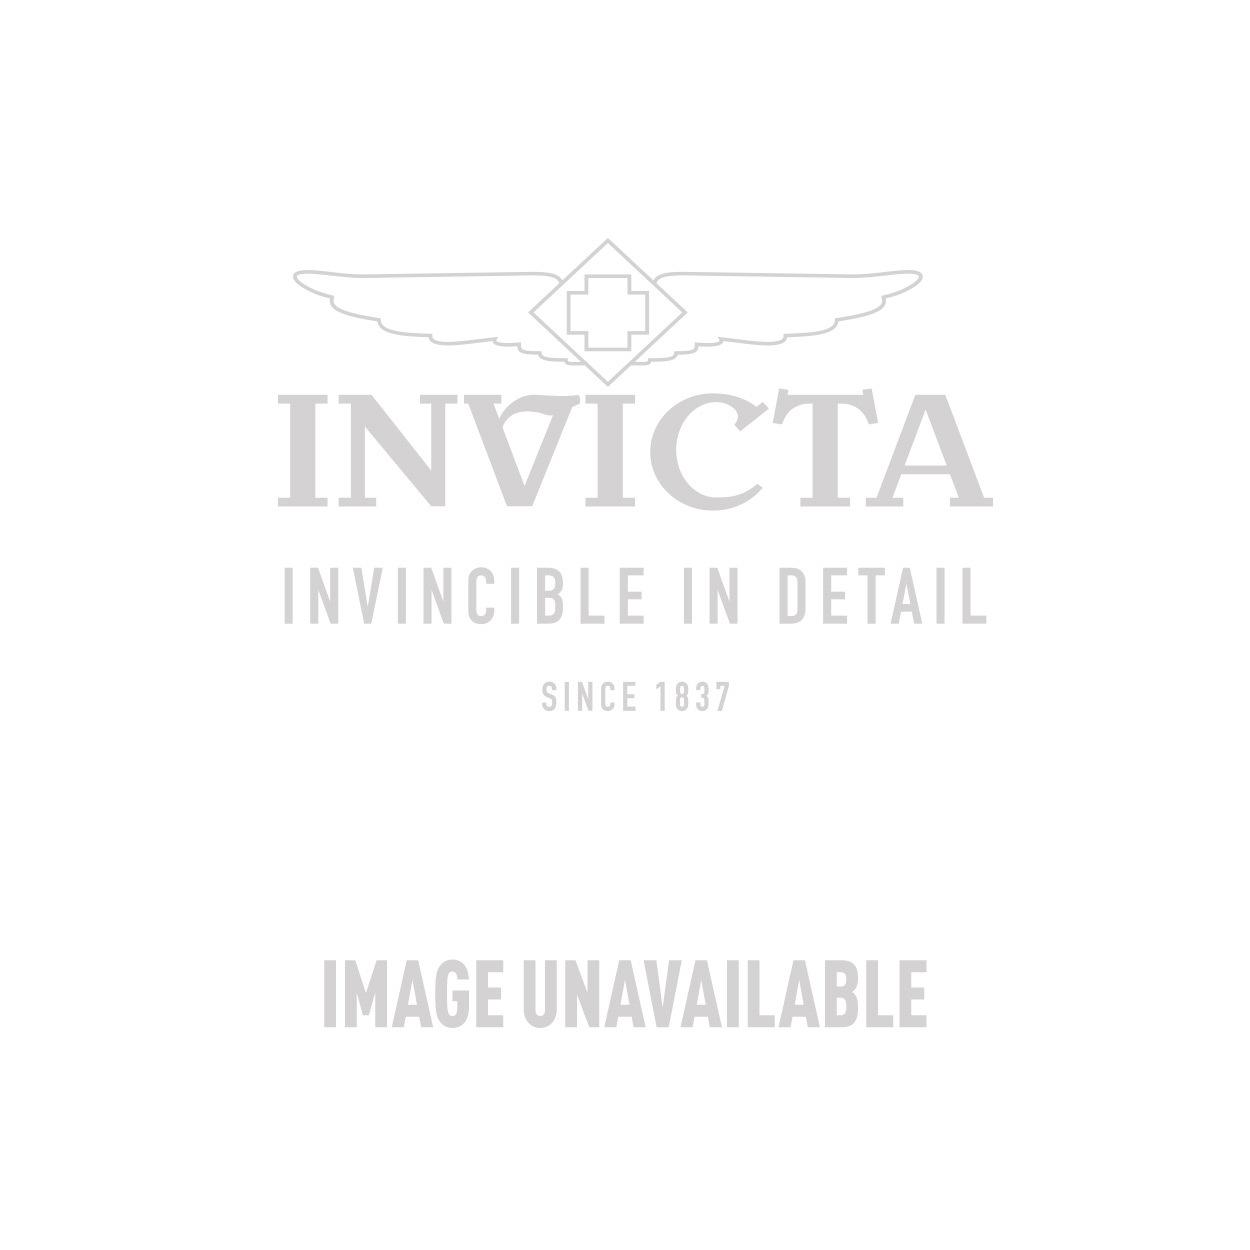 Invicta Model 27956